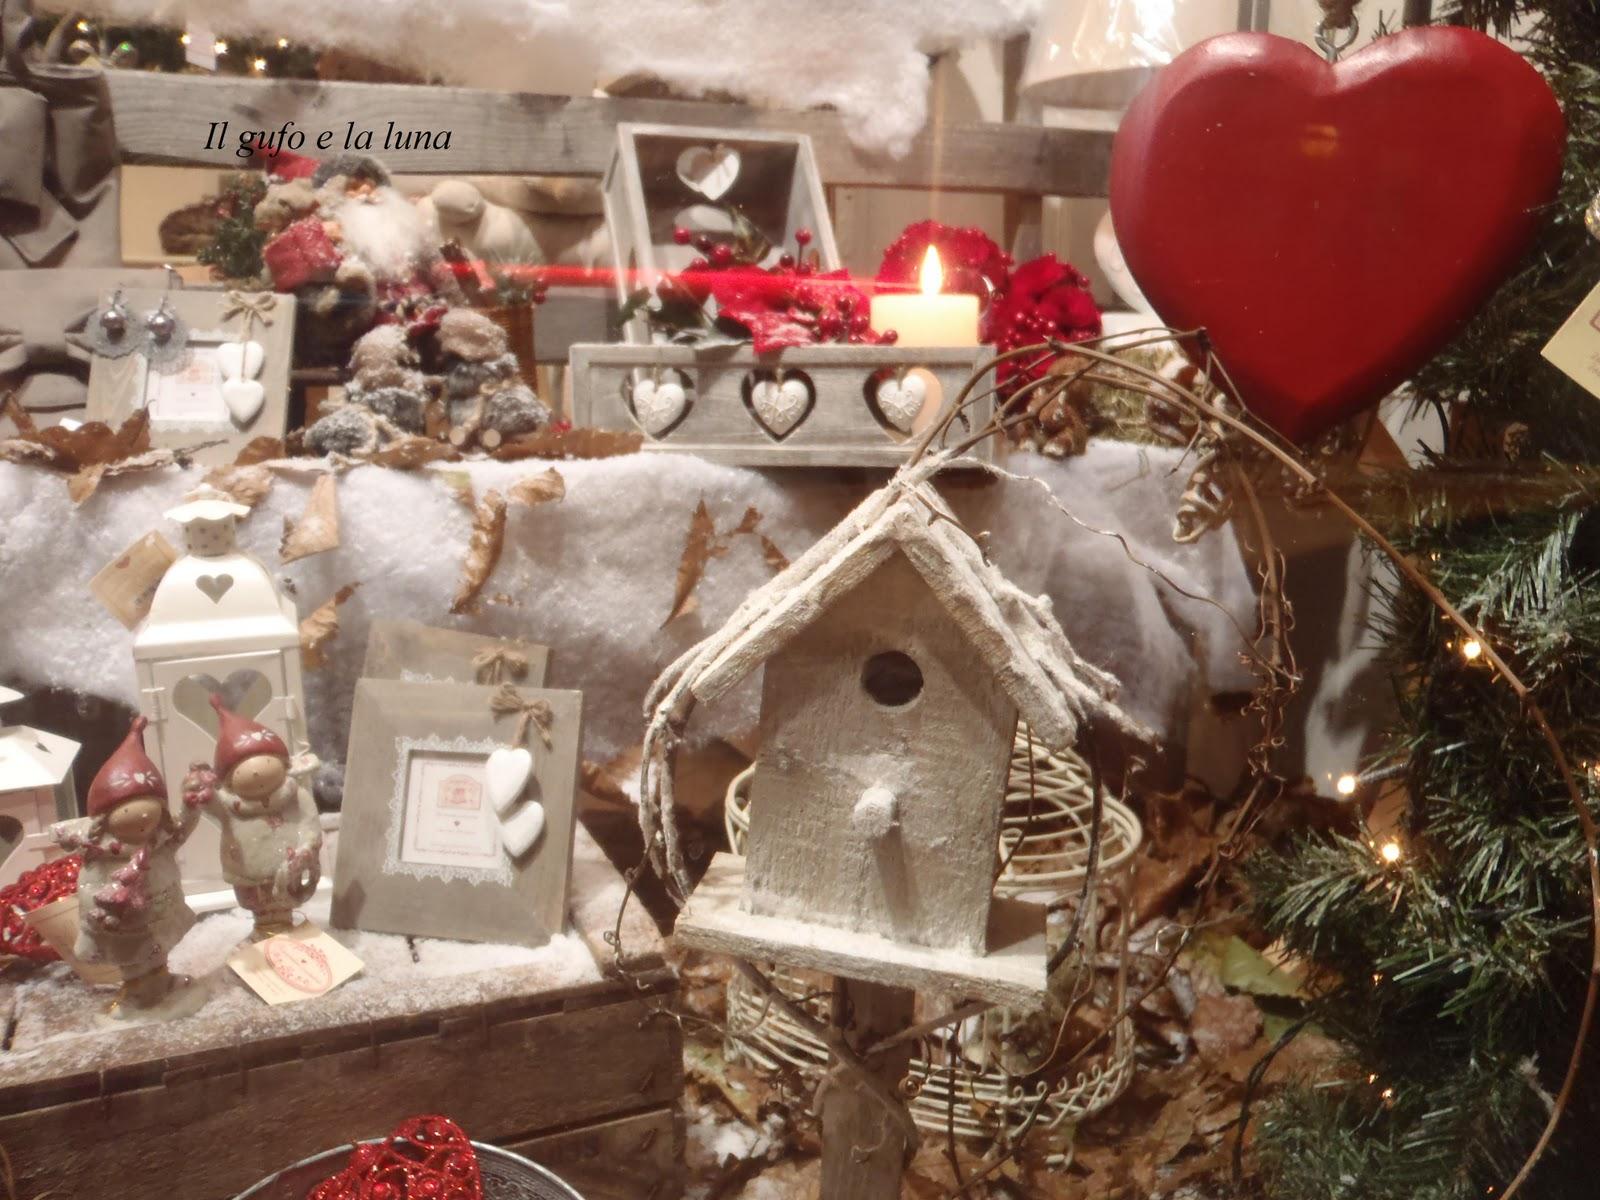 Il Gufo e la Luna shabby chic & country style: Rosso e Bianco per un Natale tutto country chic